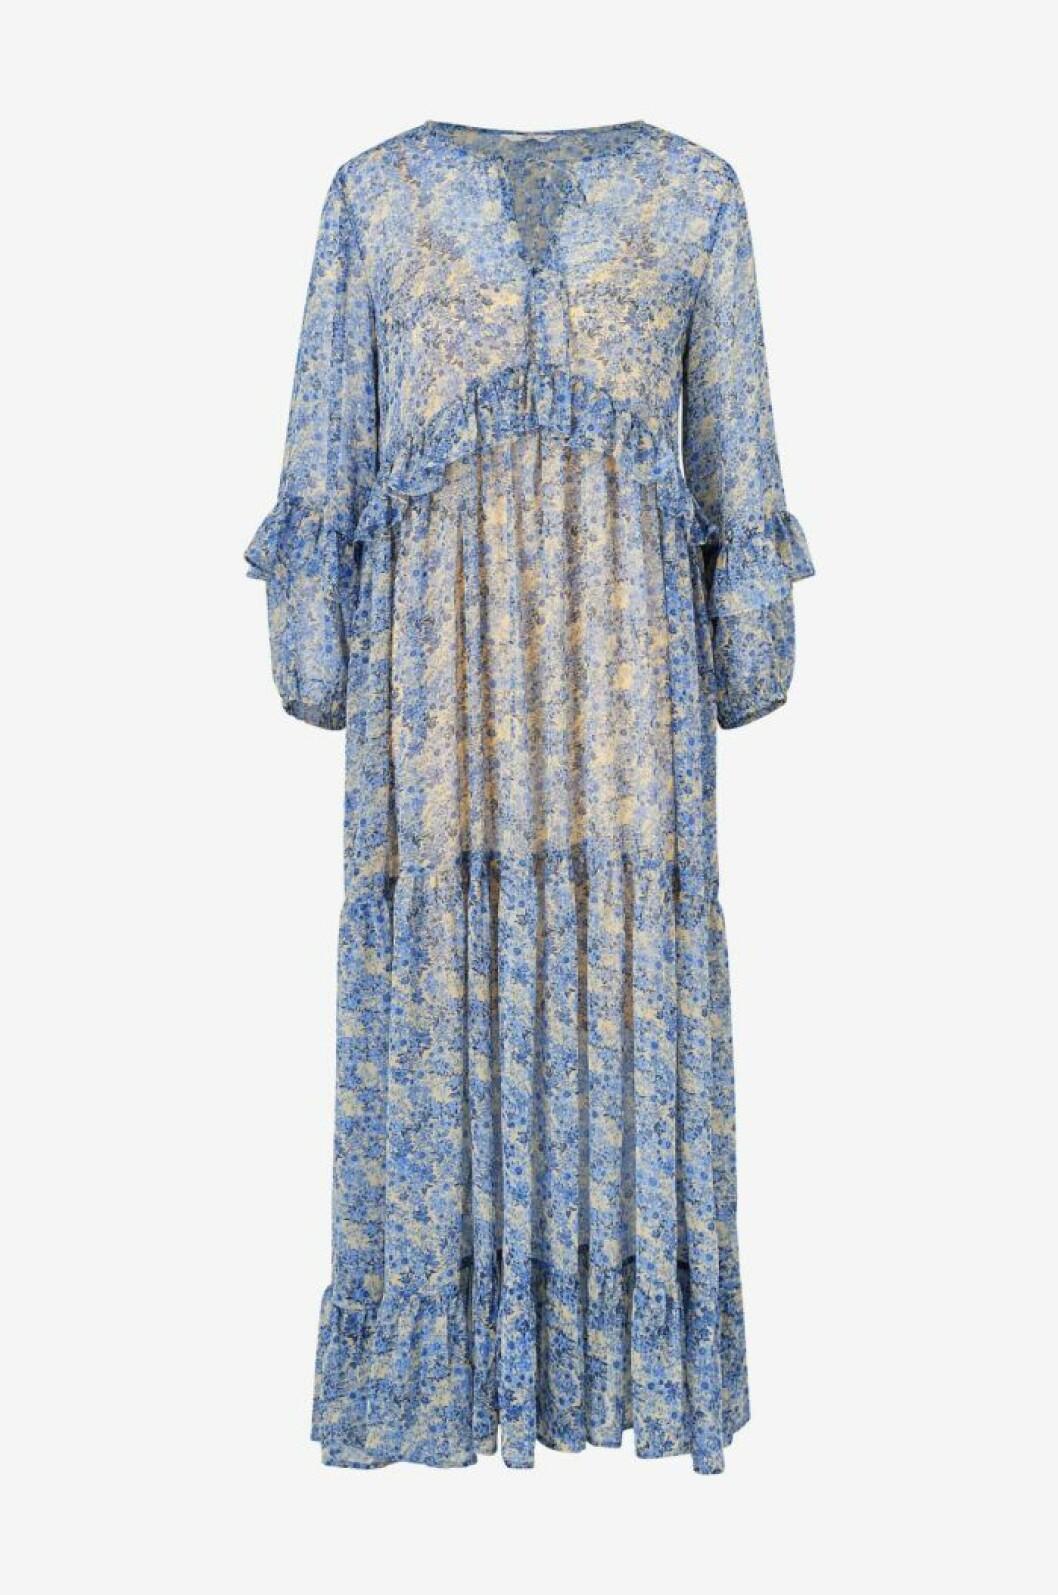 Blå långklänning till midsommar 2020